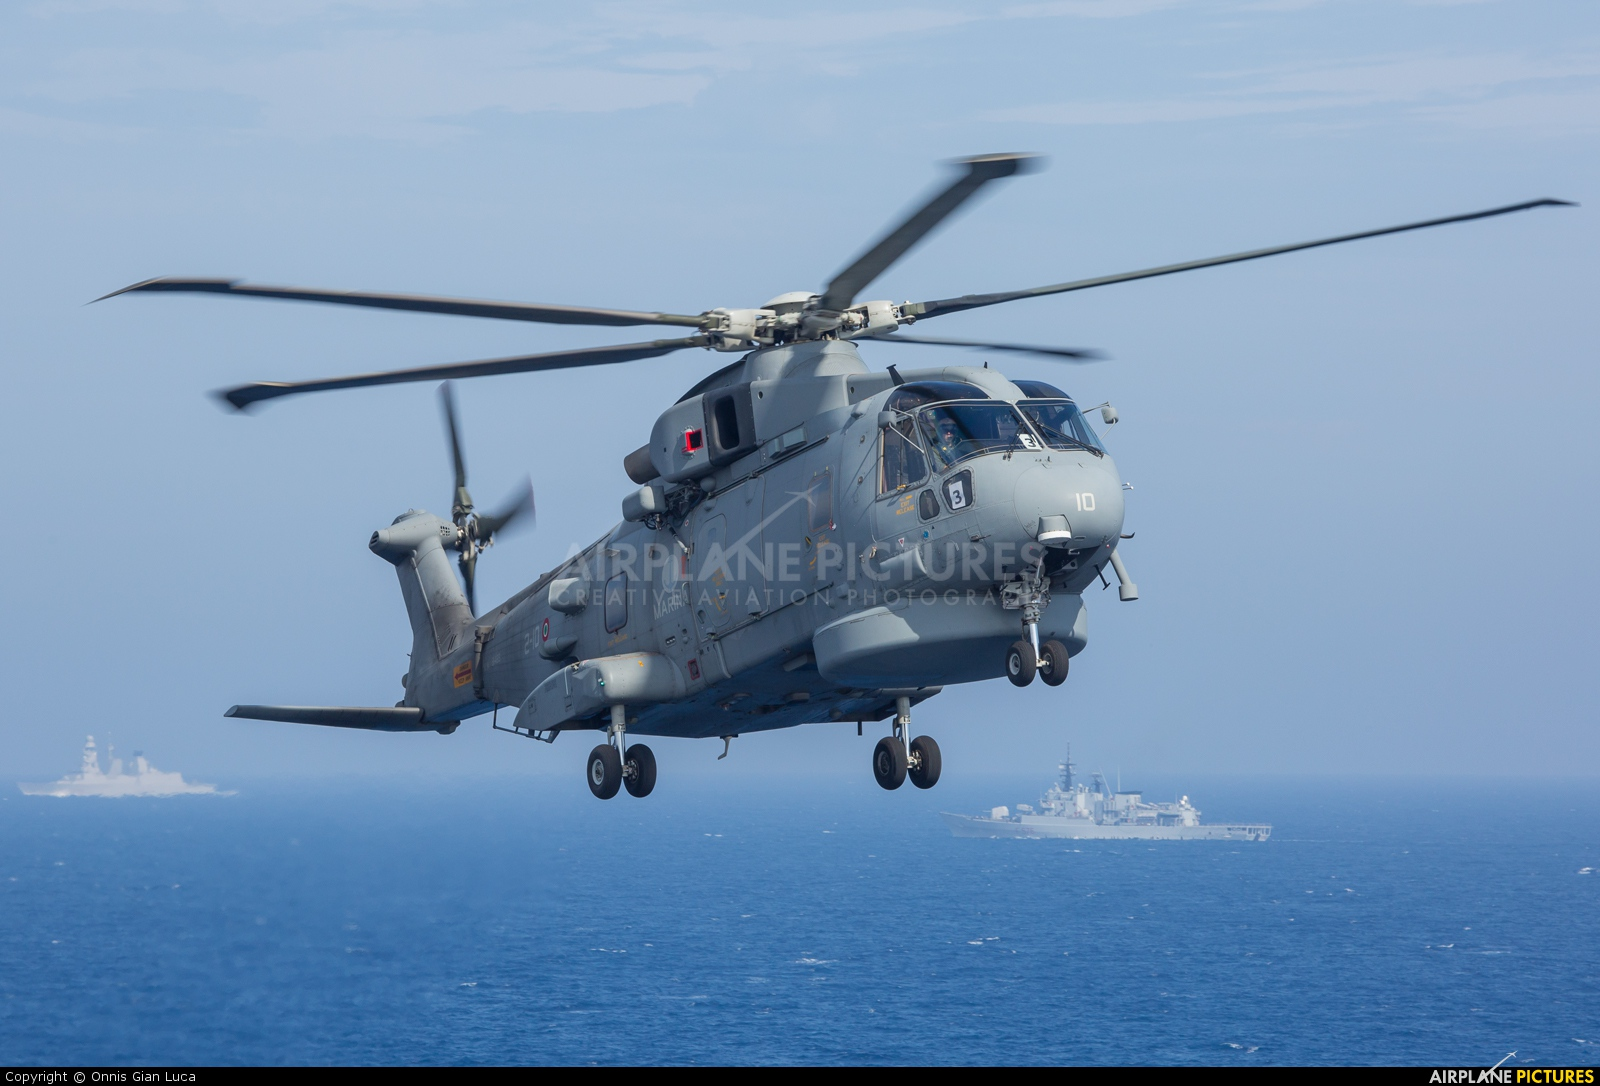 Italy - Navy MM81634 aircraft at Off Airport - Mediterranean Sea